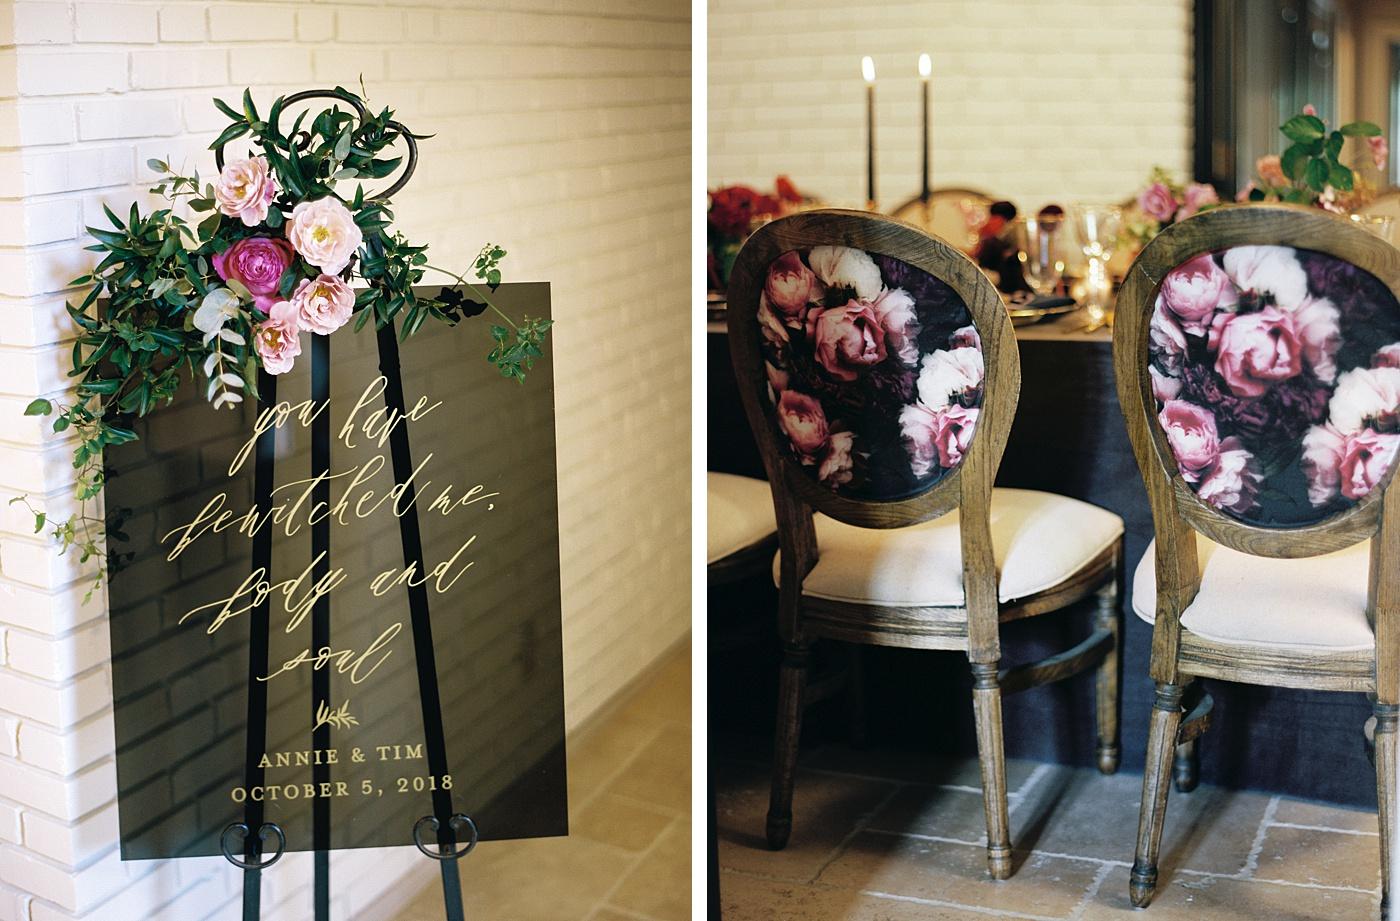 fine art wedding reception details